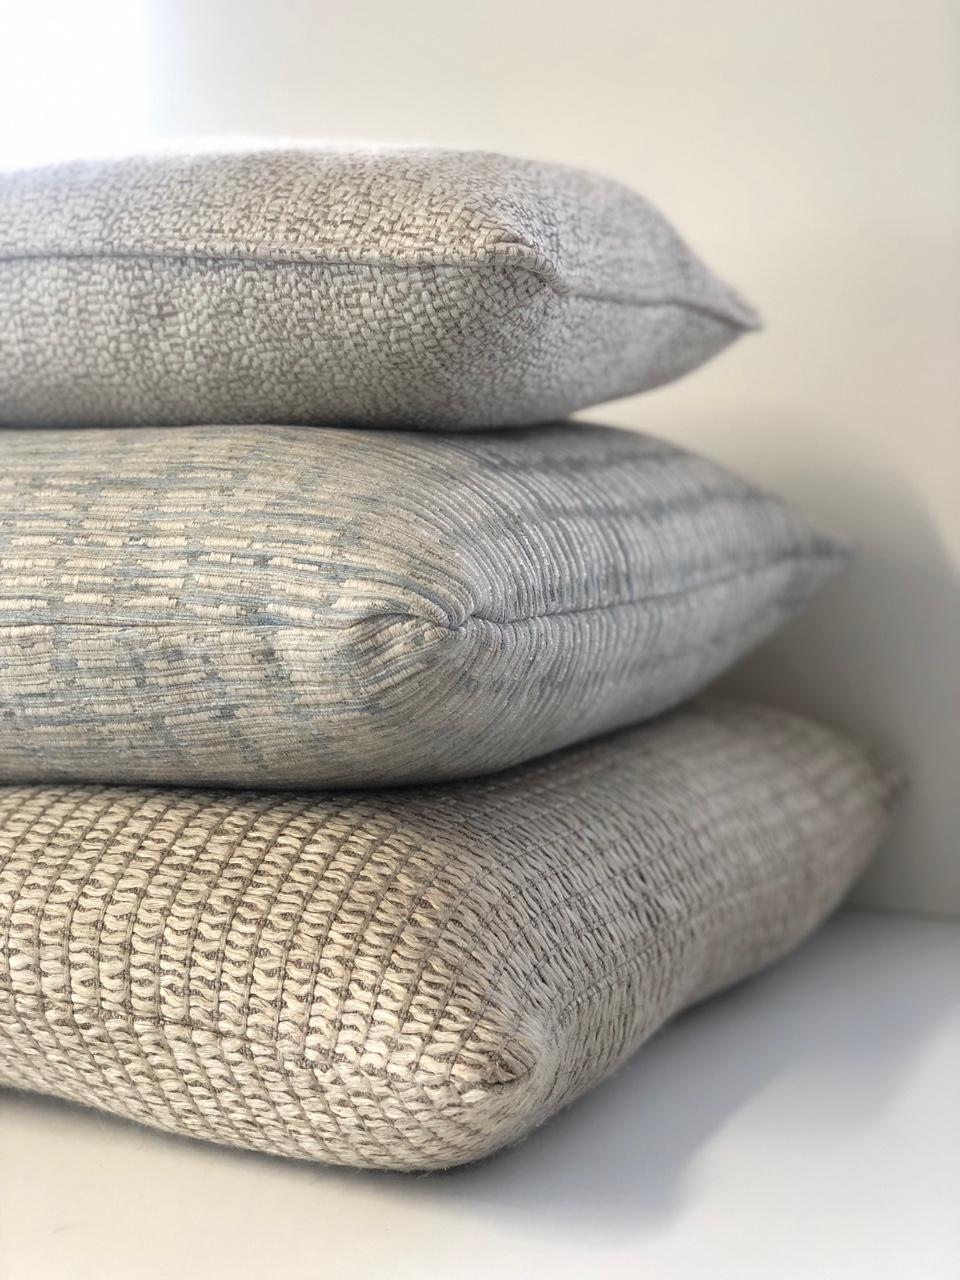 custom made designer cushions made with james dunlop mokum fabrics